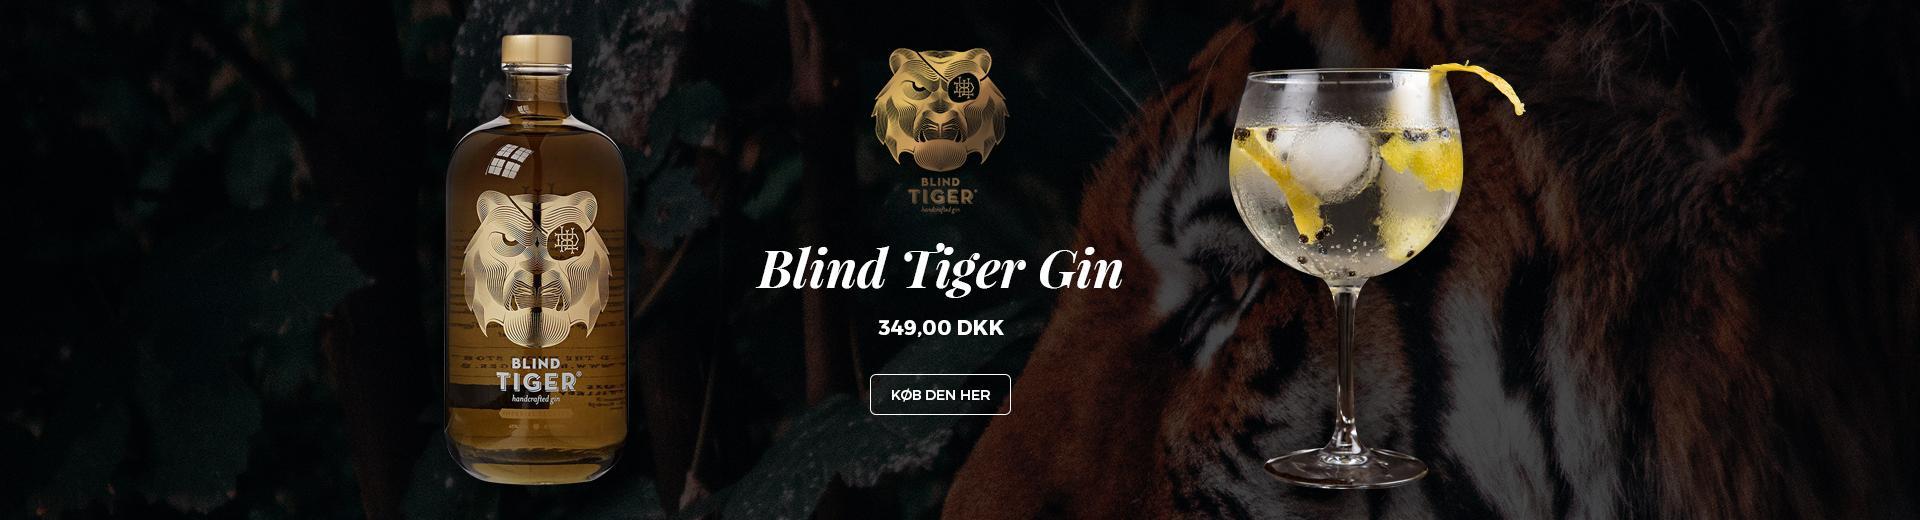 Blindtiger_Gin